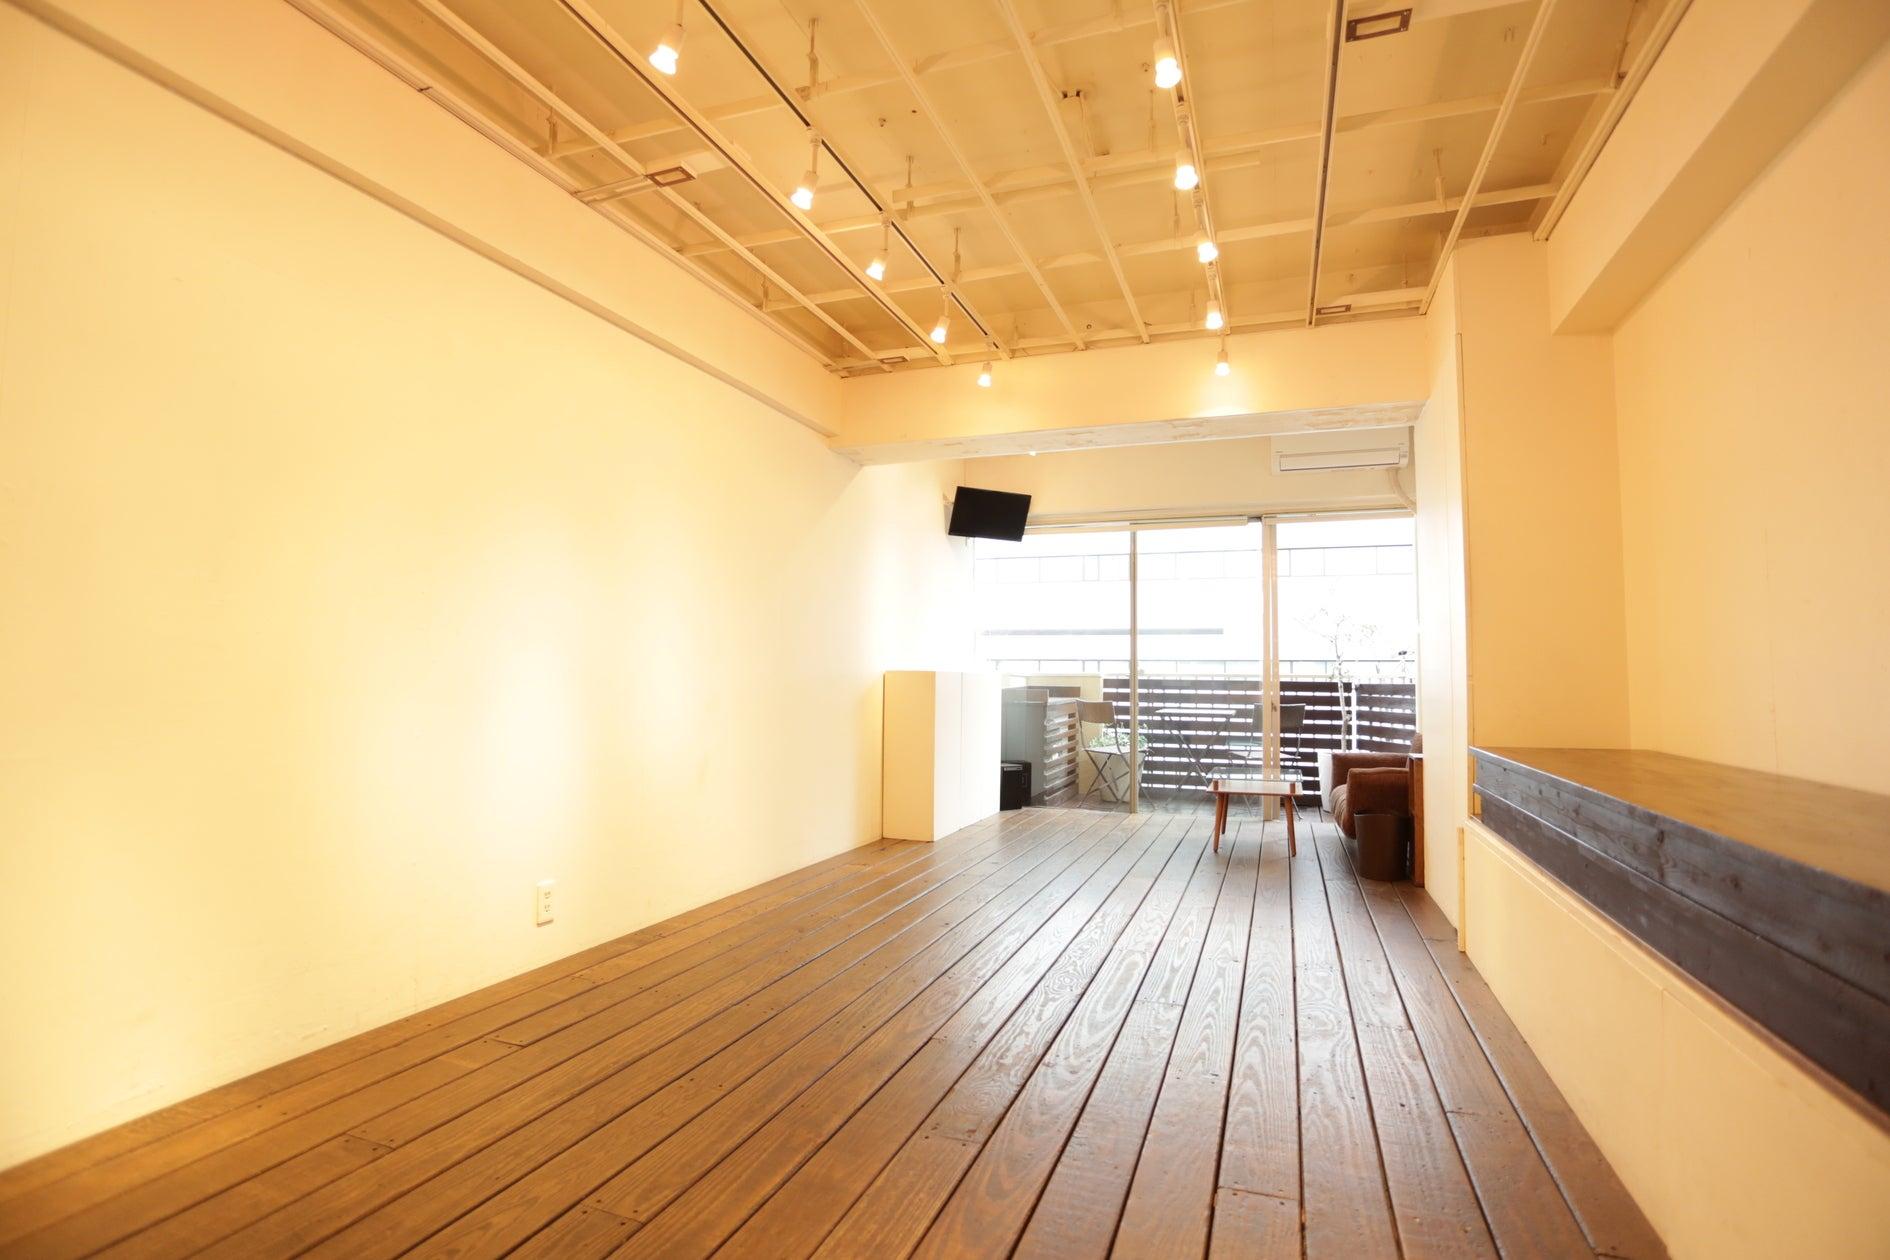 渋谷の静かな路地裏にある展示会・ワークショップ・会議に最適な自由空間です の写真